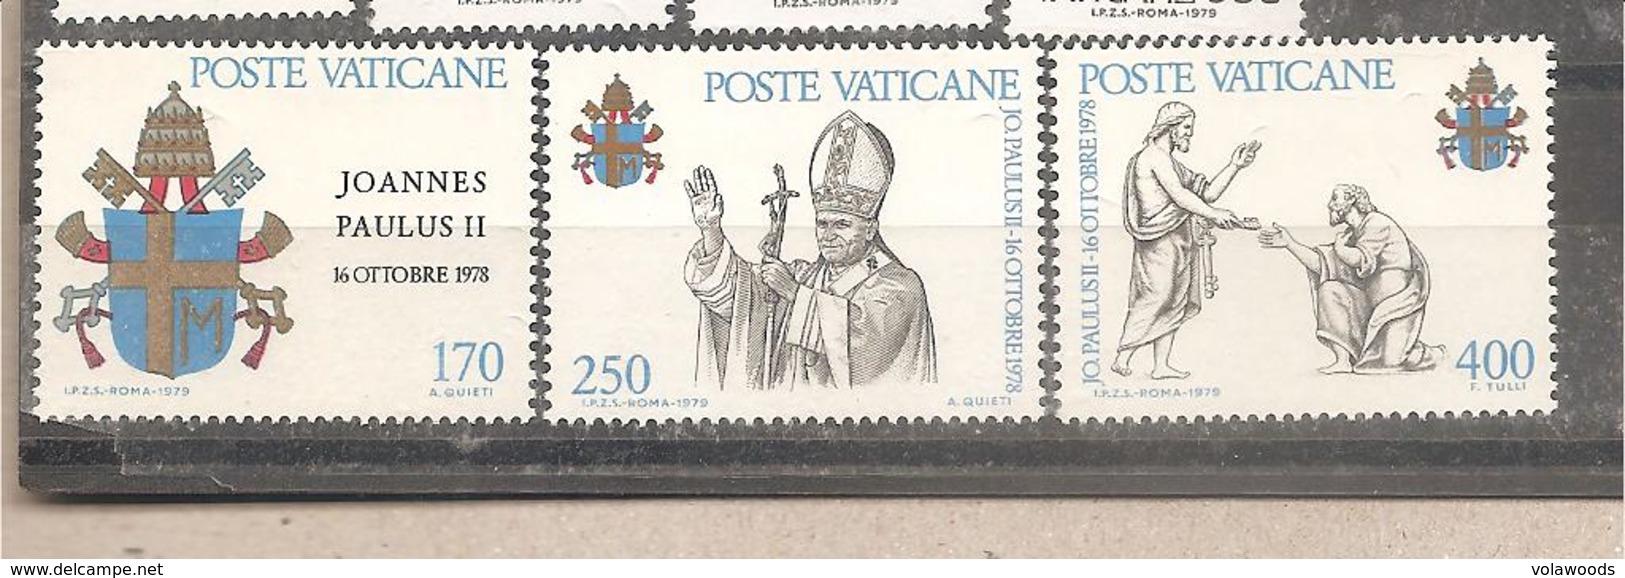 Vaticano - Serie Completa Nuova: Inizio Del Pontificato Di Giovanni Paolo II - 1979 * G - Vatican